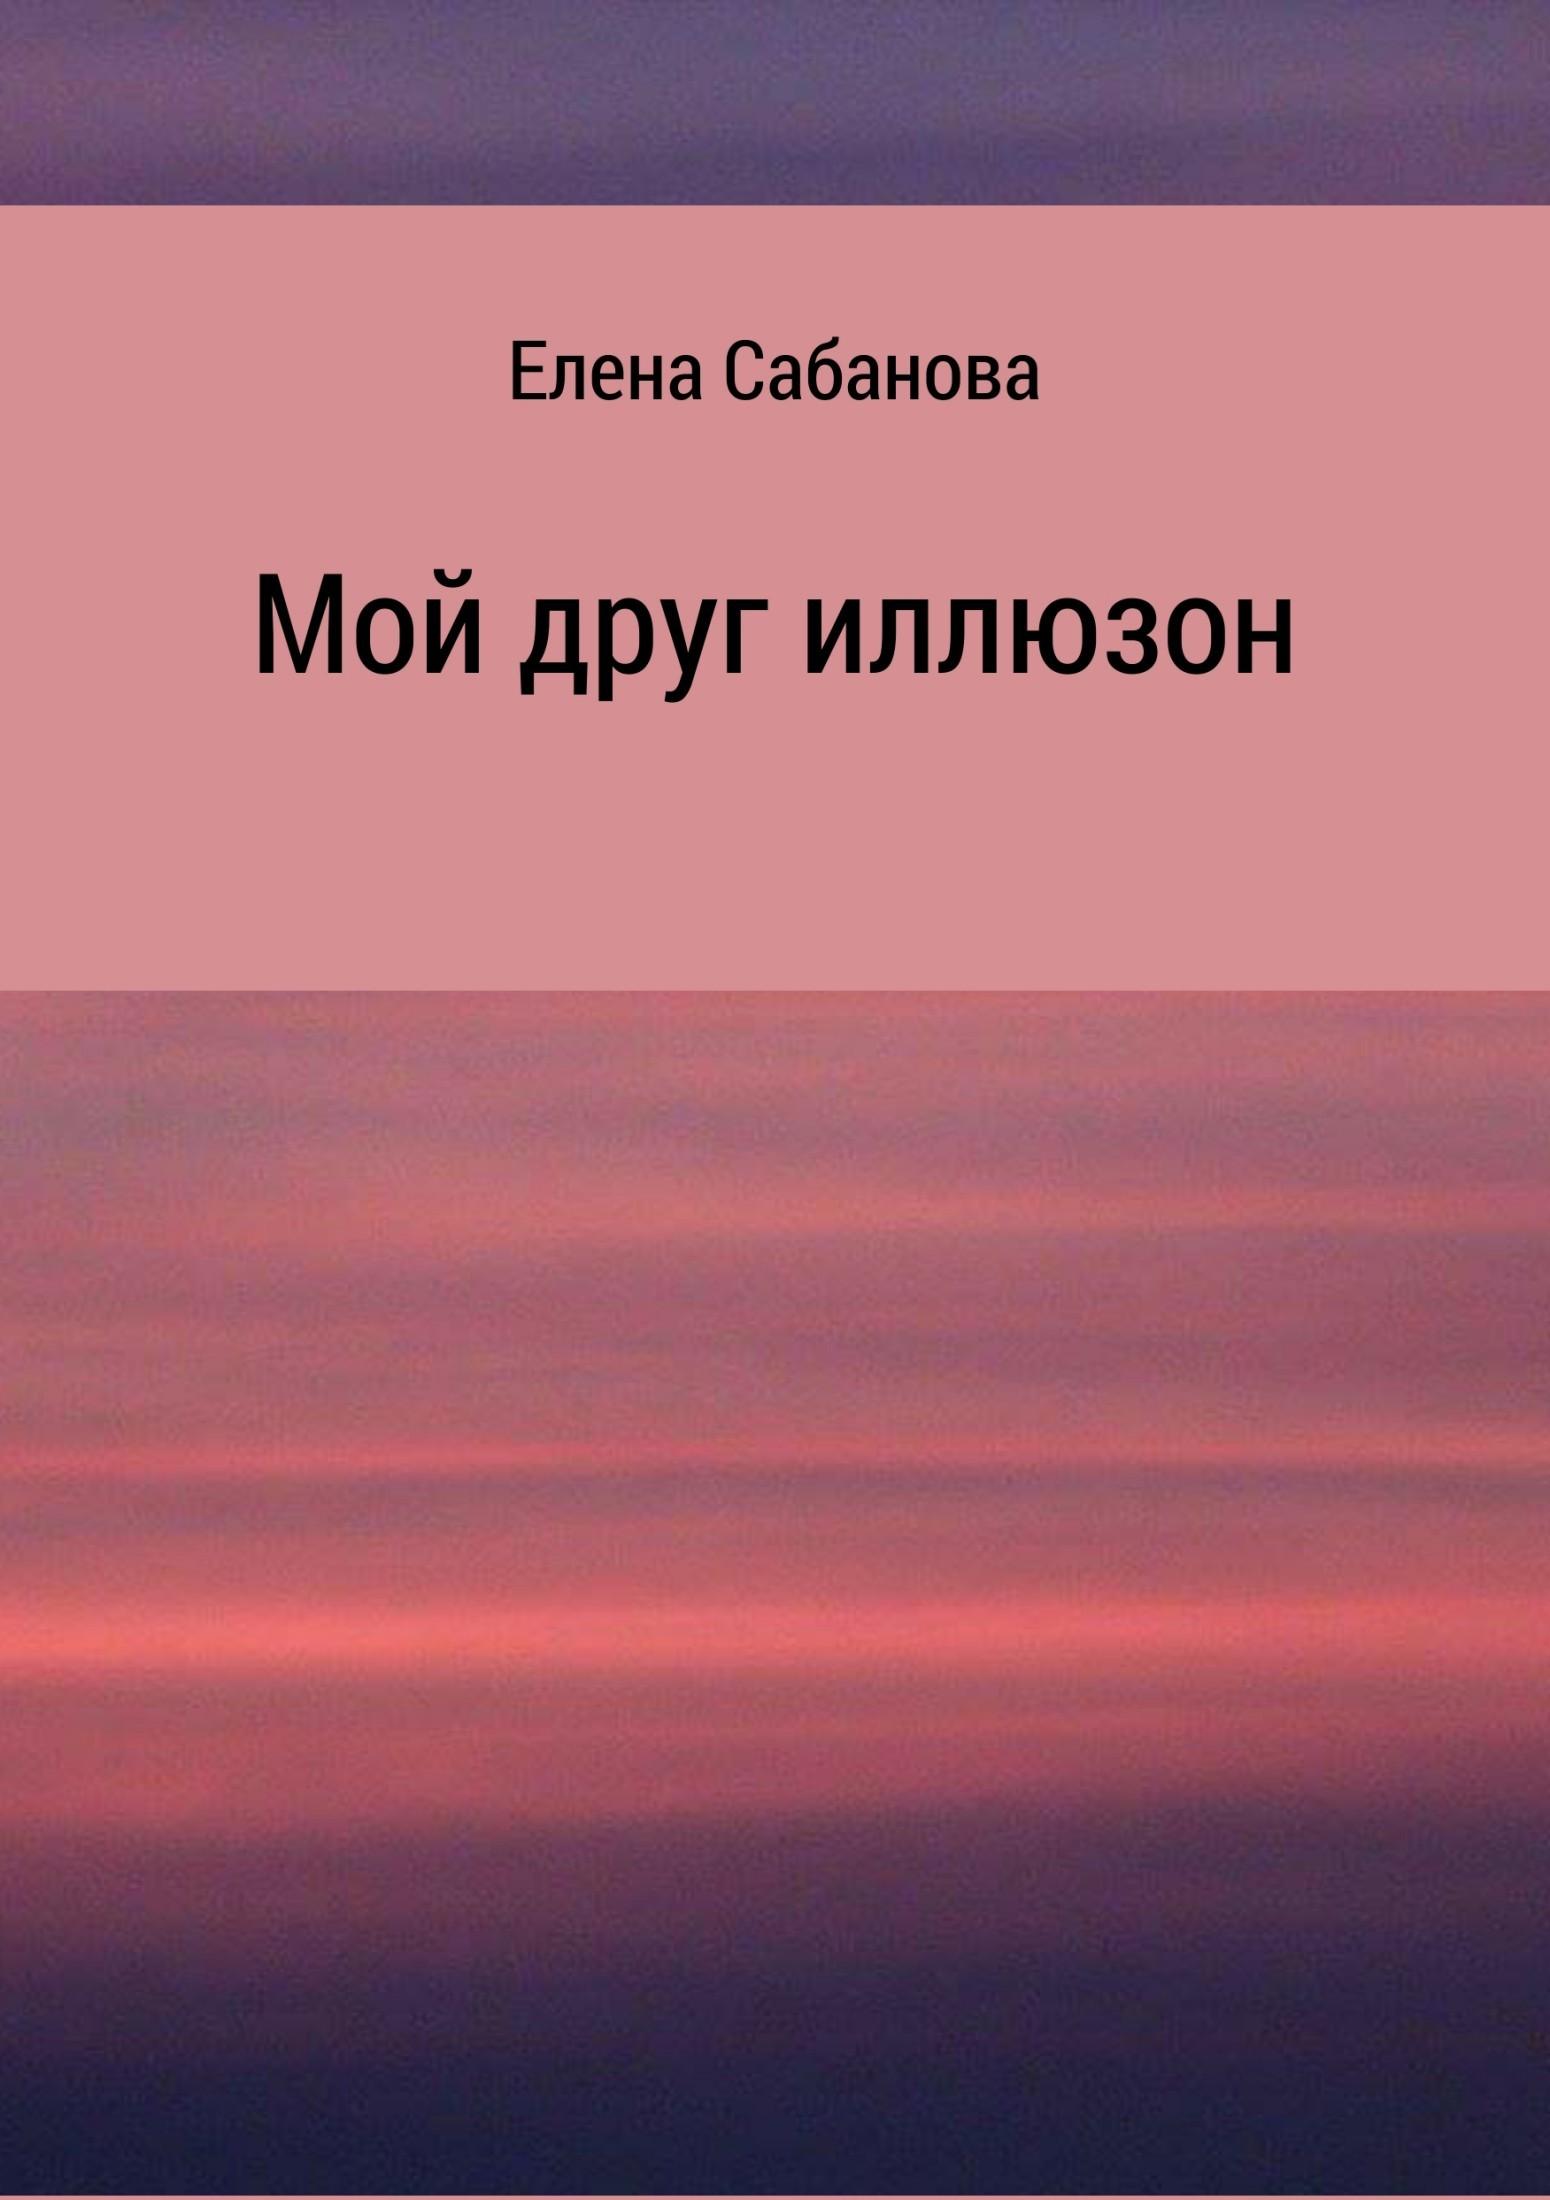 Елена Владимировна Сабанова. Мой друг иллюзон